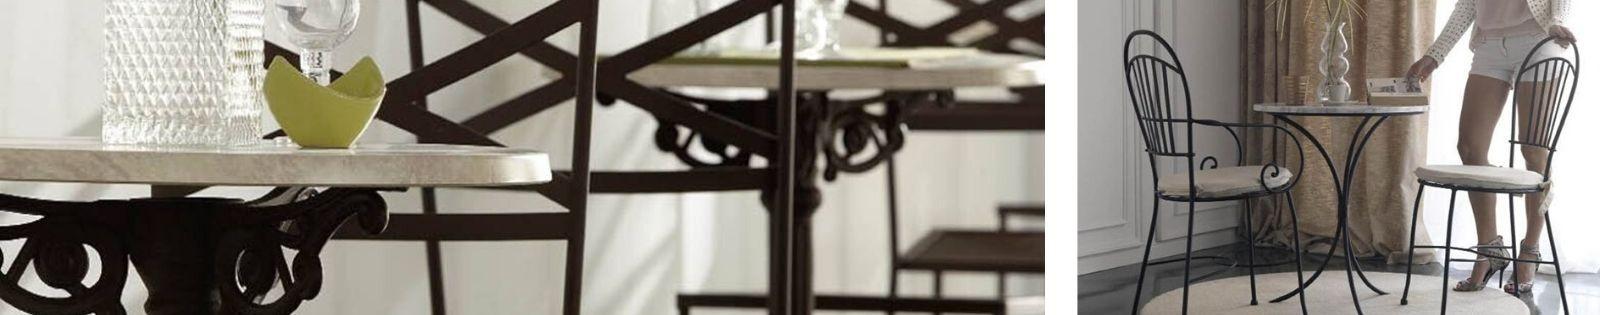 Table bar en Fer Forgé. Meuble de qualité. Fabrication artisanale.